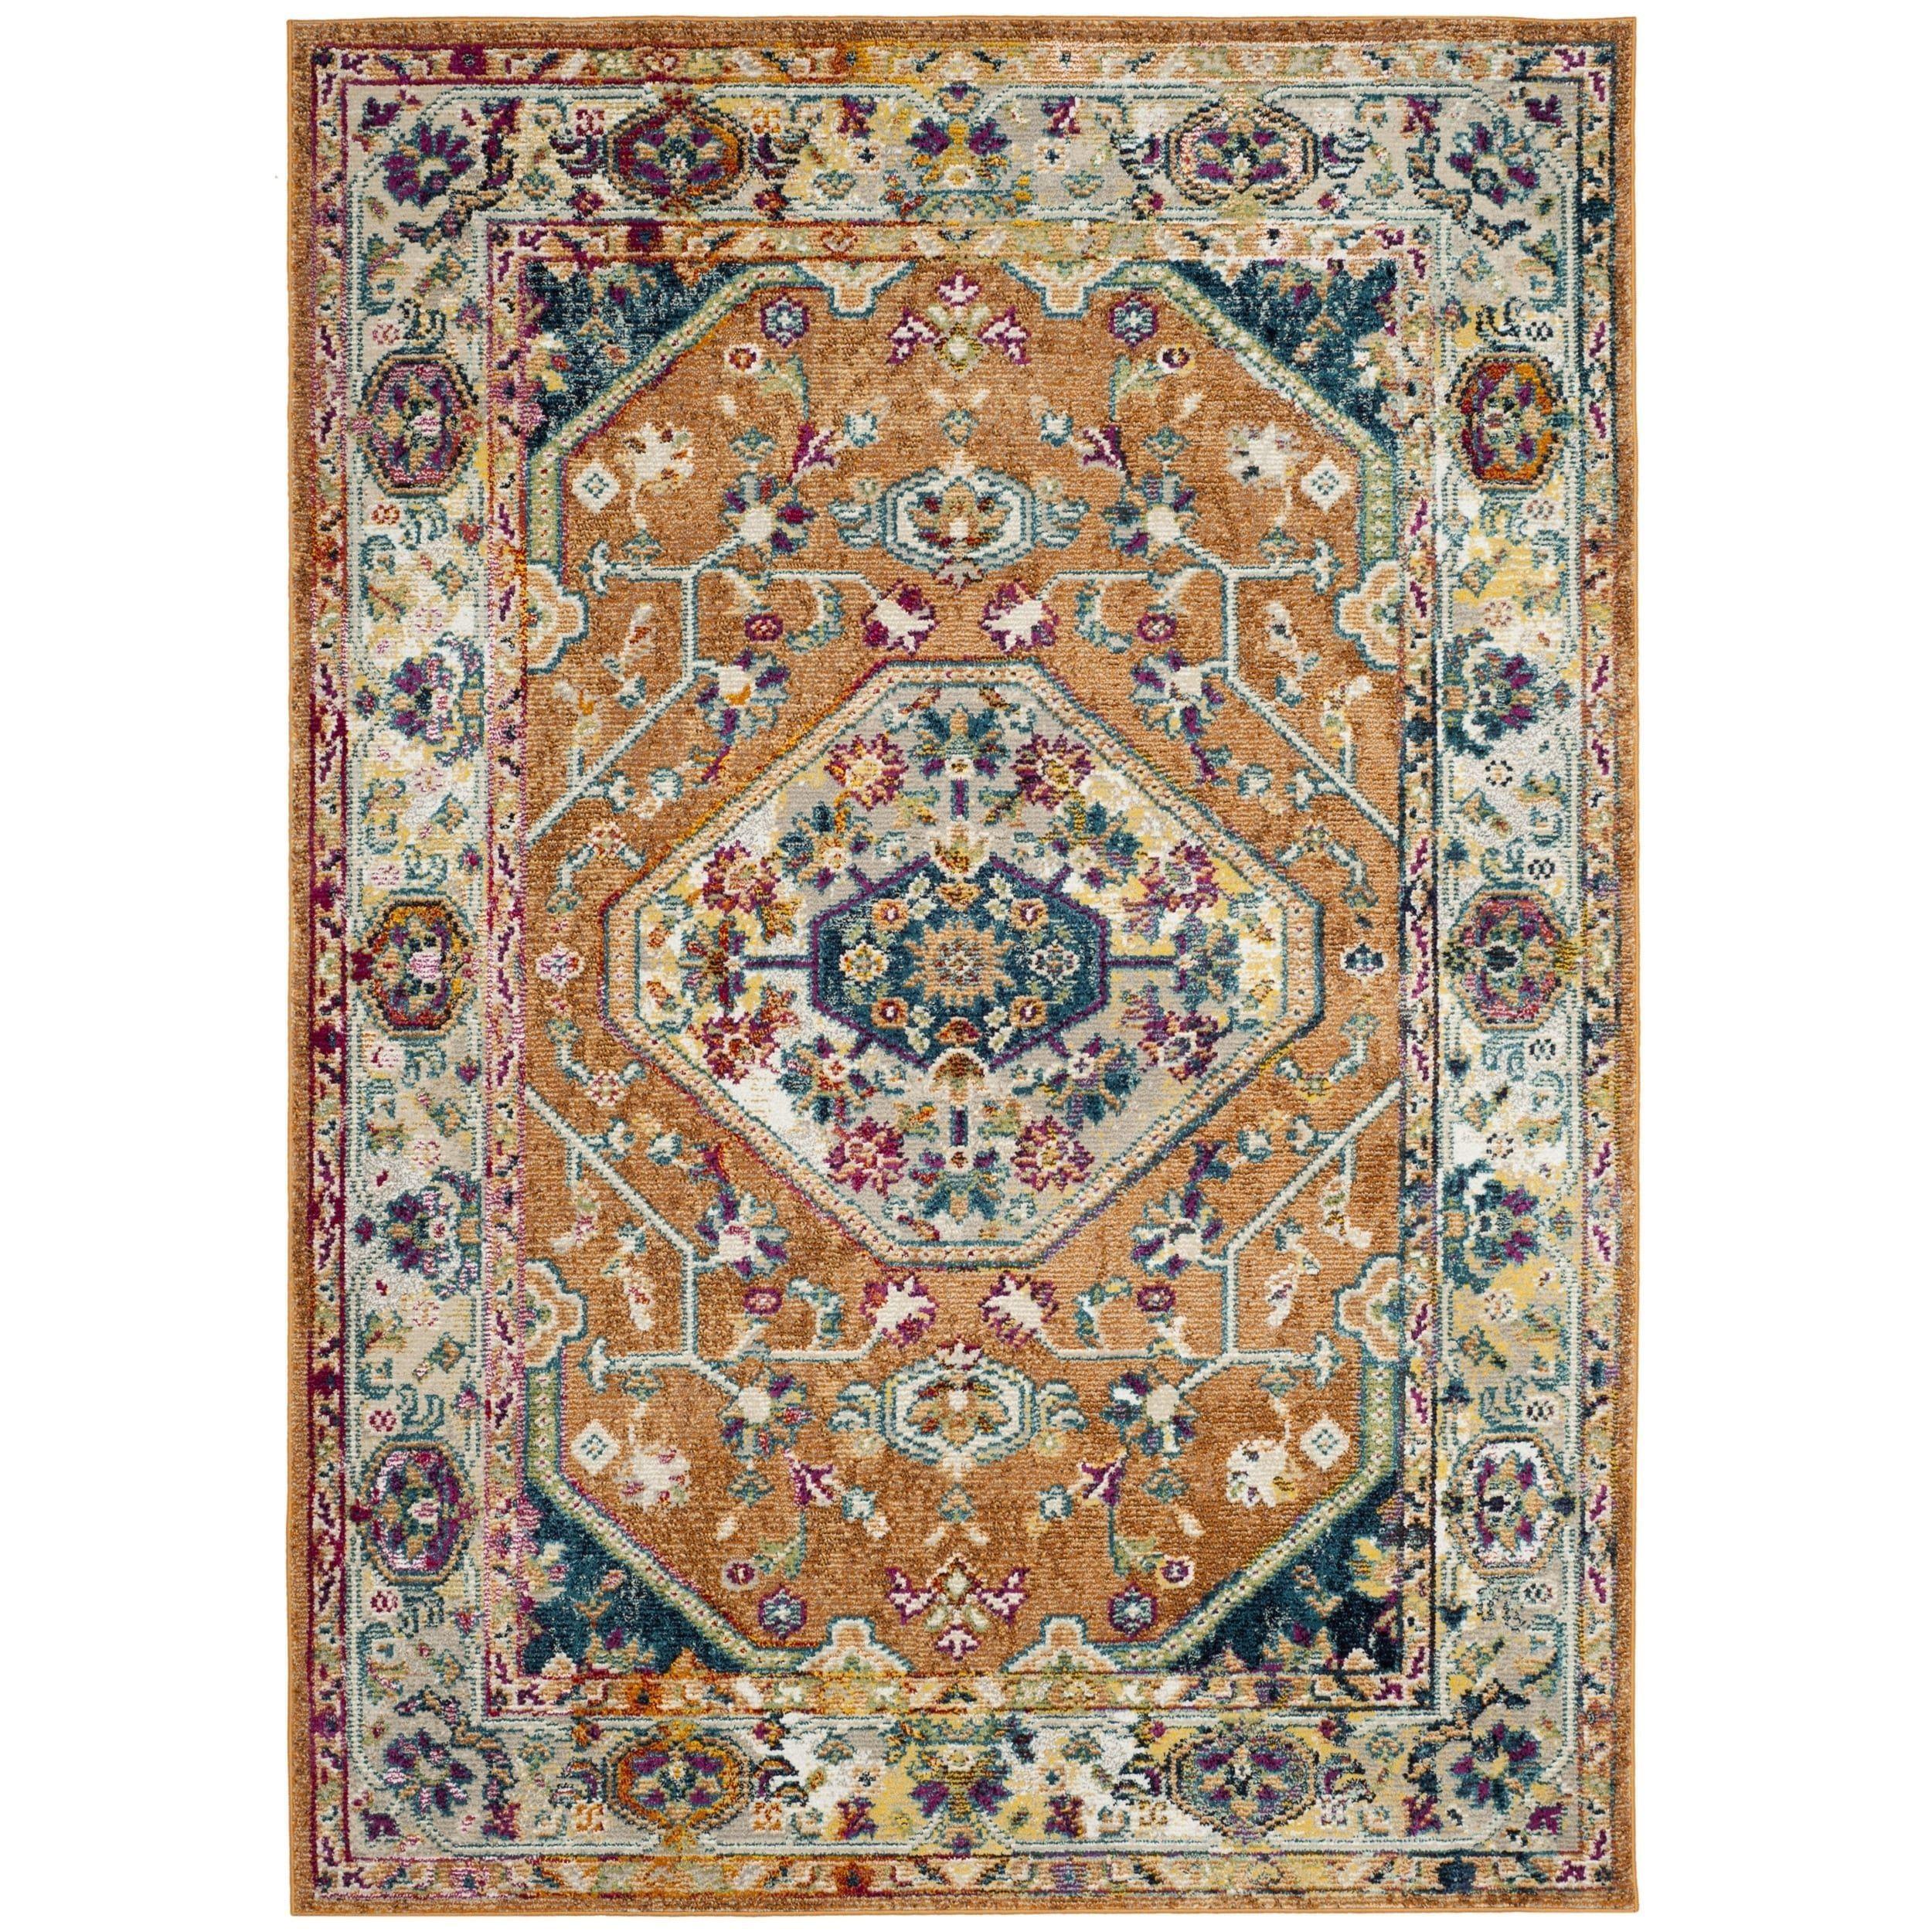 Safavieh Savannah Basmah Boho Oriental Polyester Medallion Rug